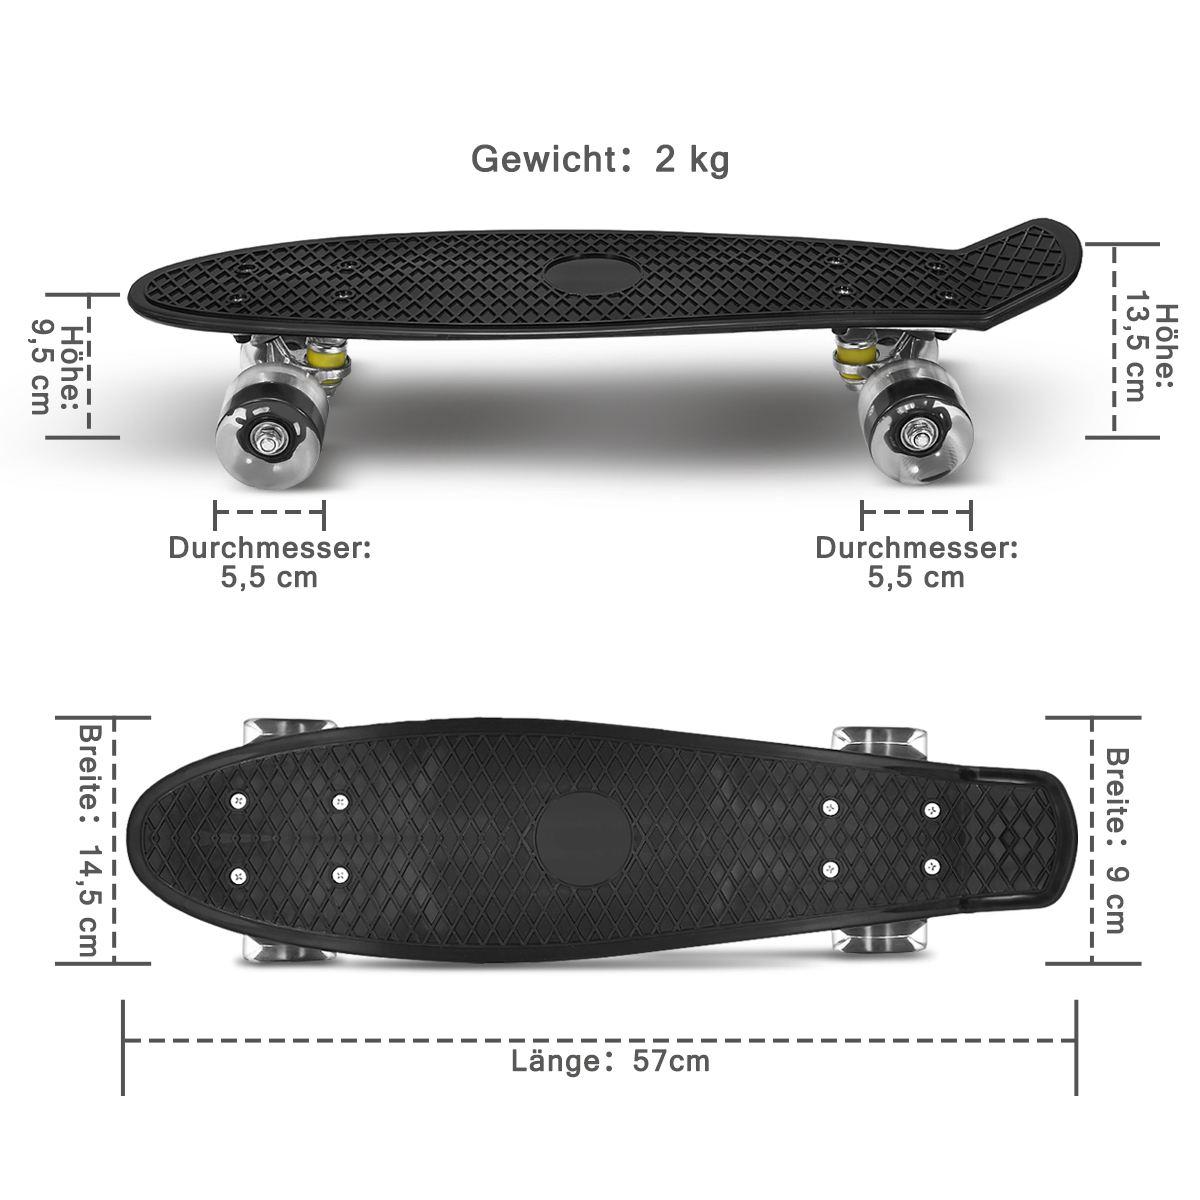 22 pouces Mini planche à roulettes en plastique planche à roulettes roue en polyuréthane avec LED lumières Cruiser complet Skateboard Sports enfants enfants cadeaux unisexe - 5